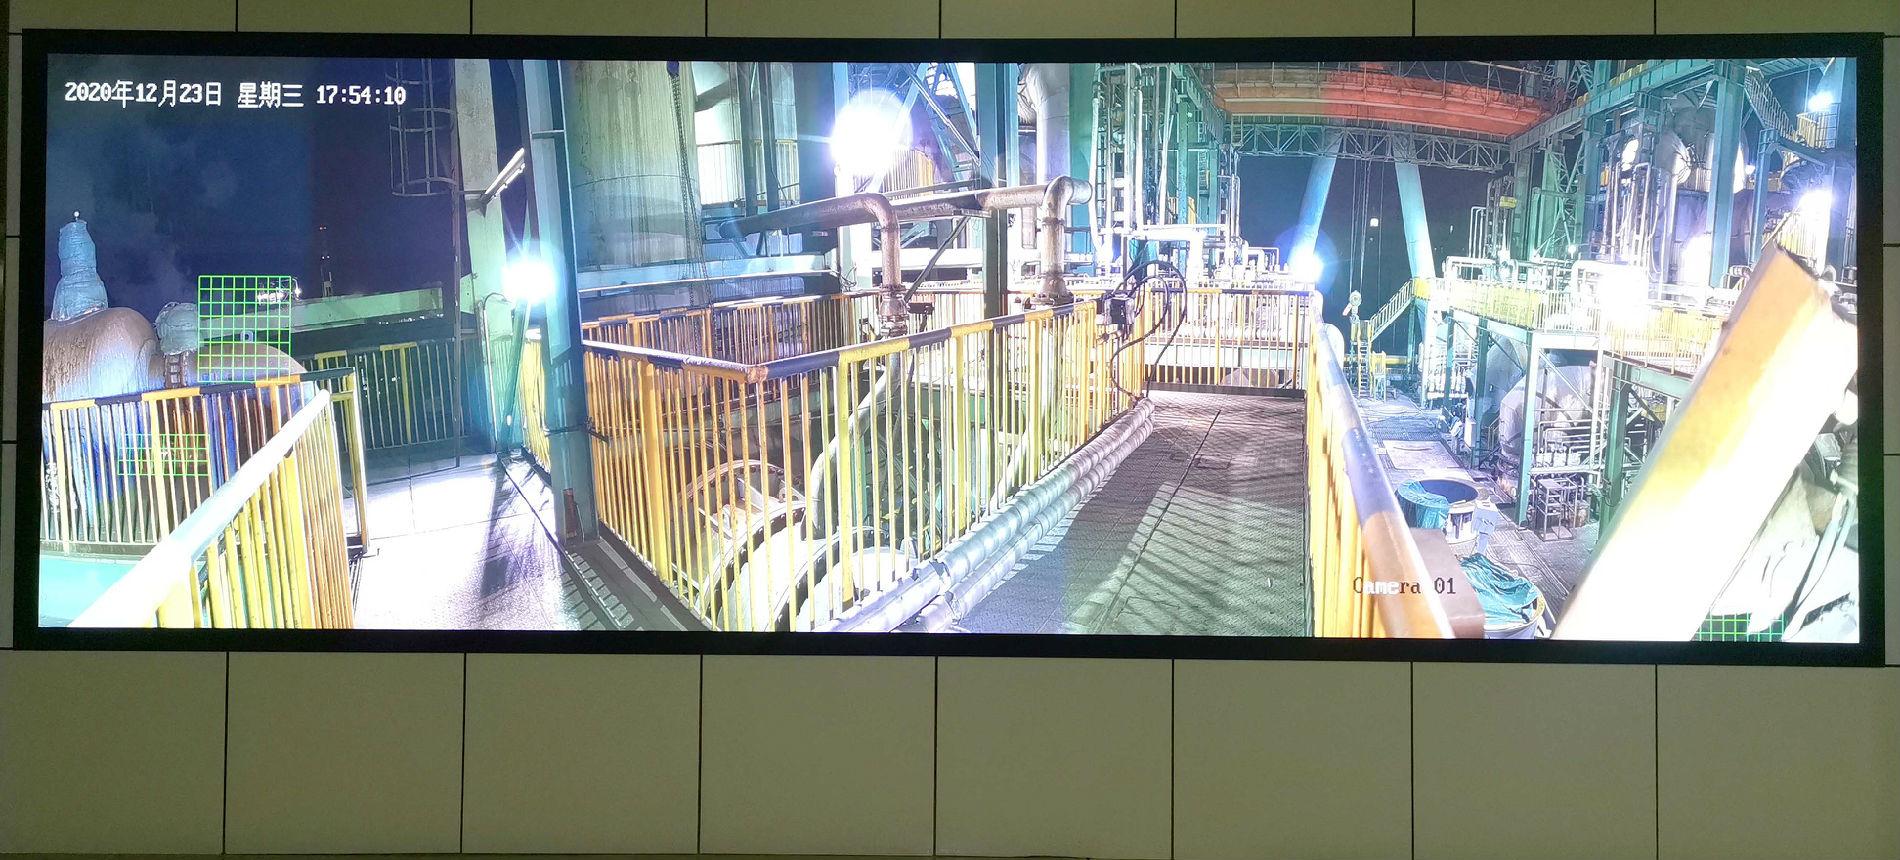 DLBP整屏无缝全数字激光超高清大屏